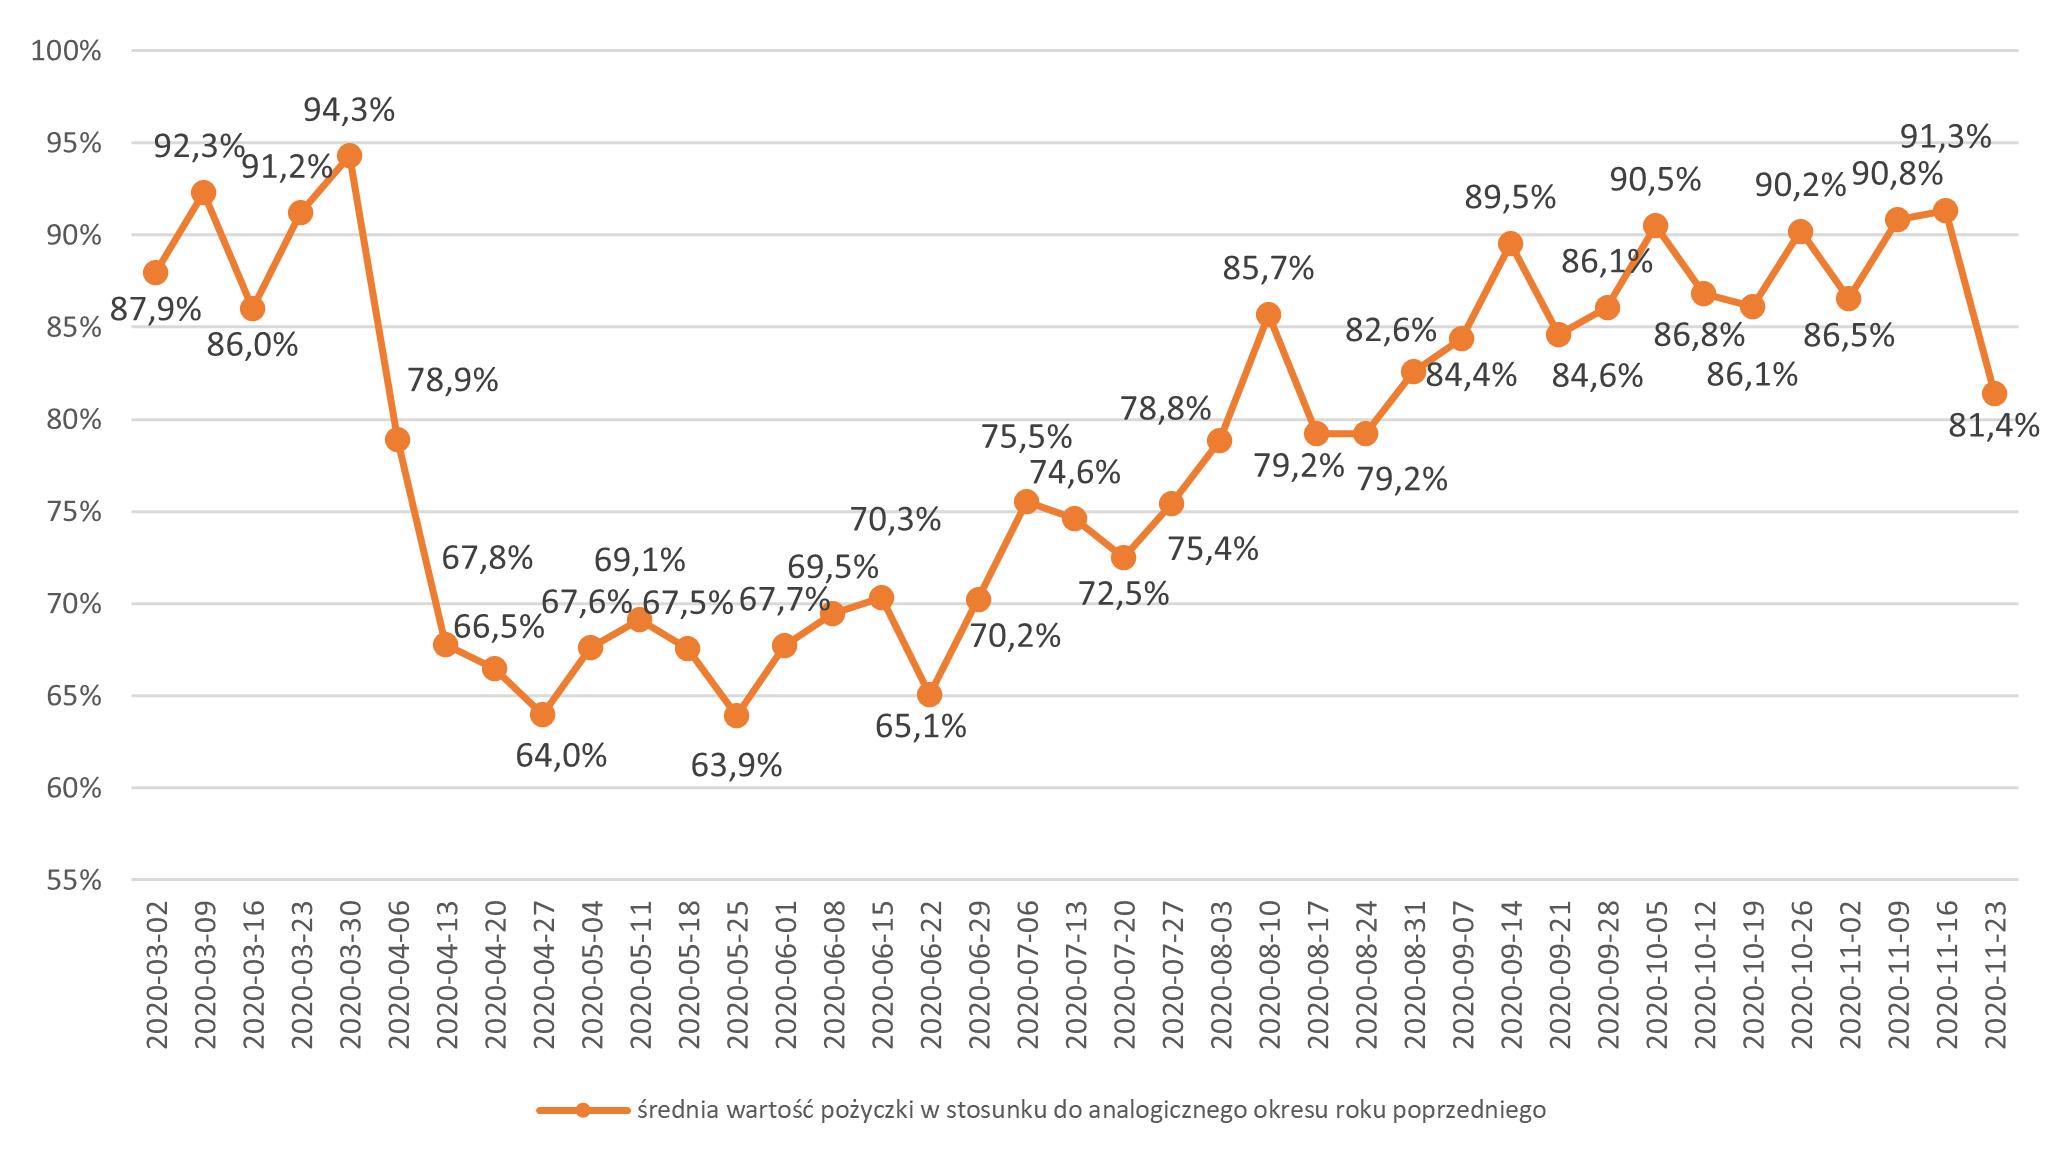 Średnia wartość pożyczki w okresie marzec – listopad